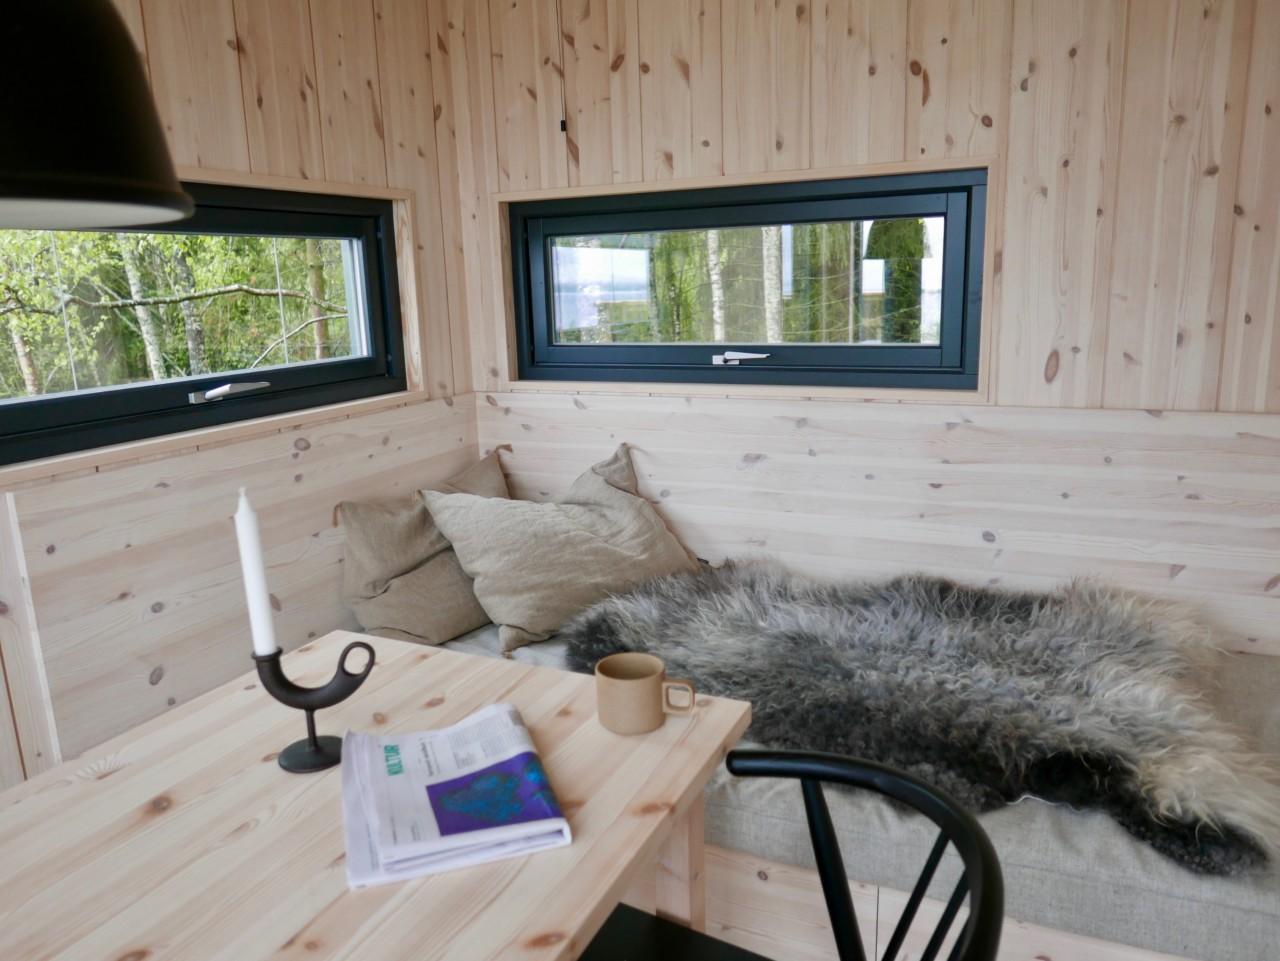 sofakrok-stue-kjokken-toten-tretopp-hytte